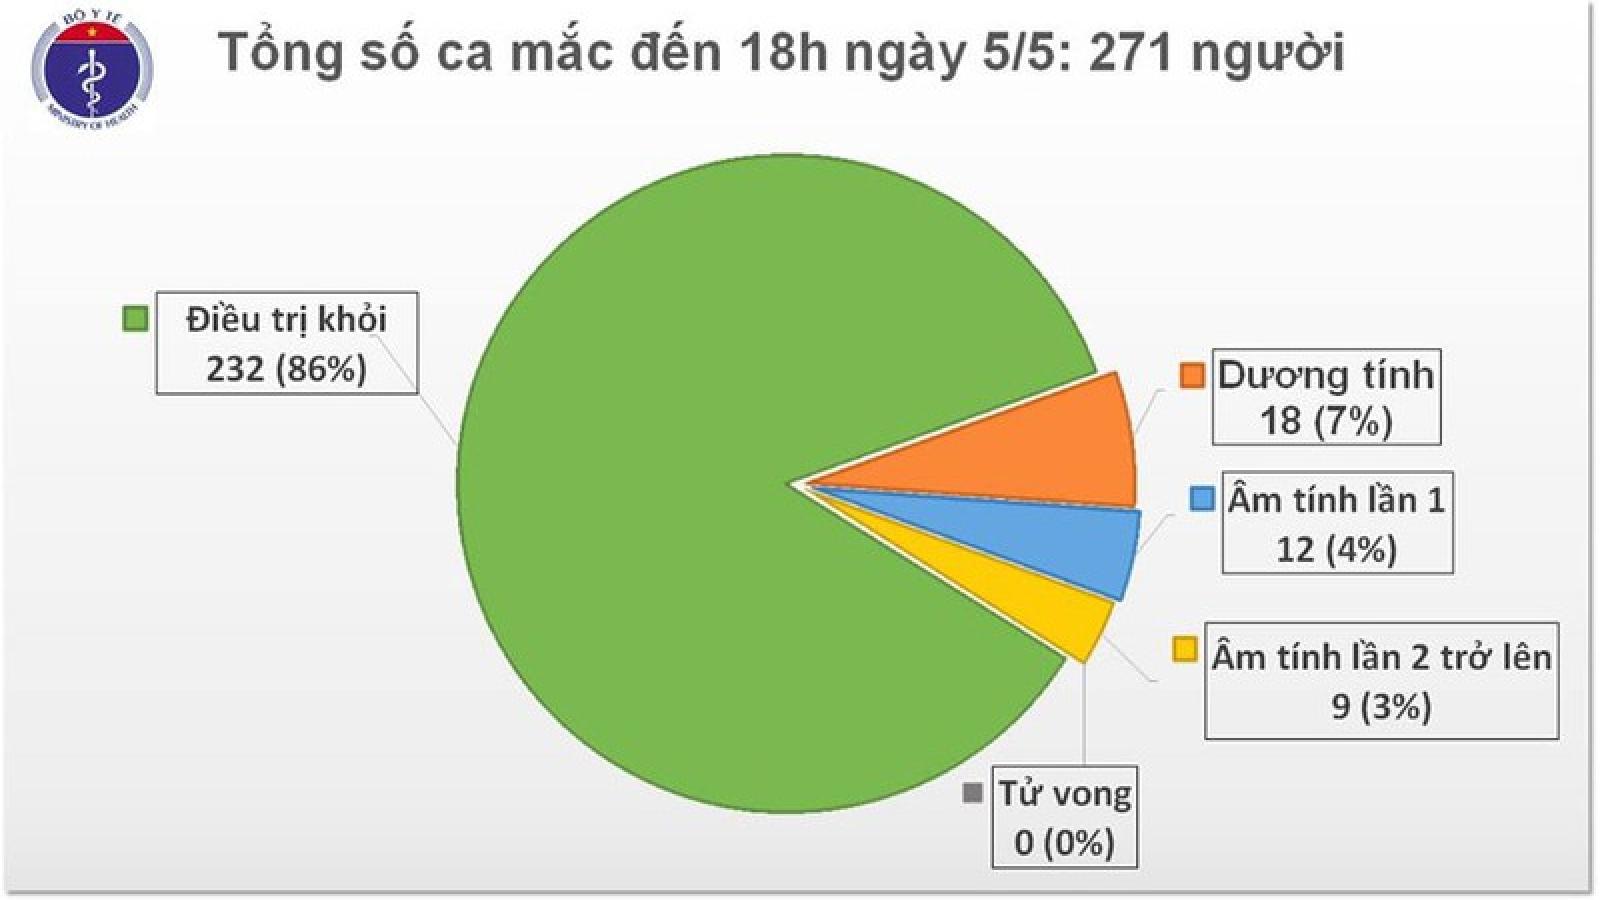 Không có ca mắc Covid-19 mới, BN161 và BN19 đang tiến triển tốt